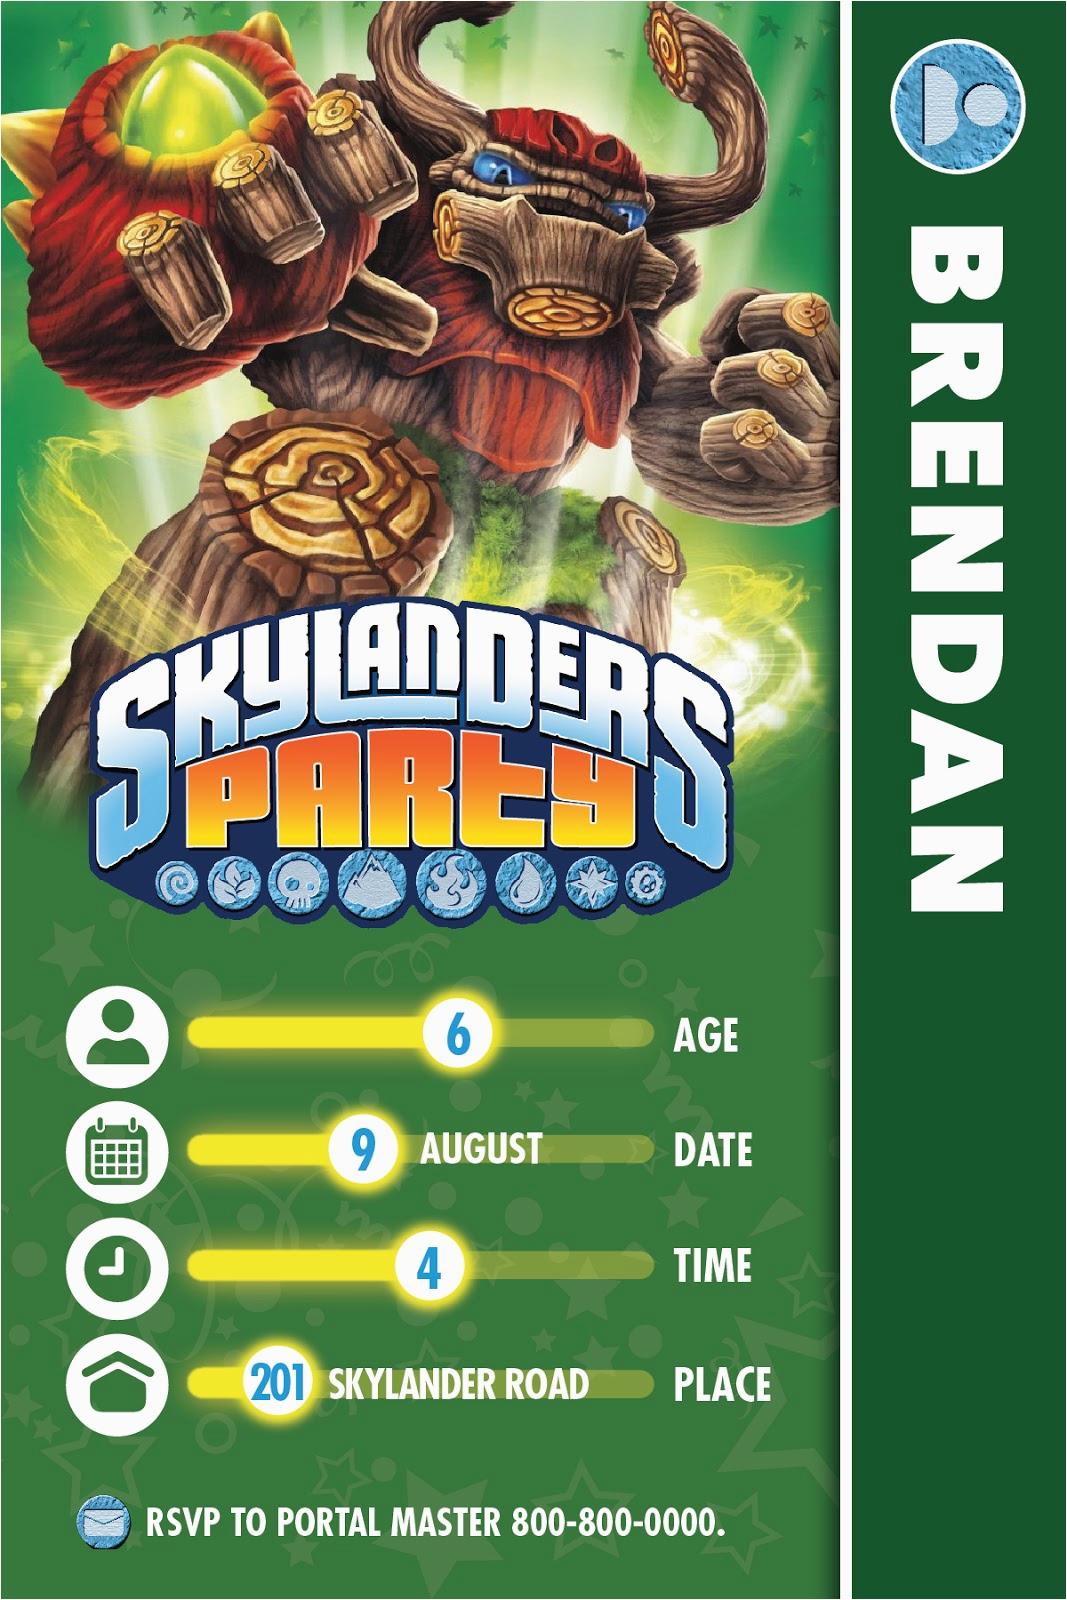 Skylanders Birthday Party Invitations   Birthdaybuzz - Free Printable Skylander Invitations